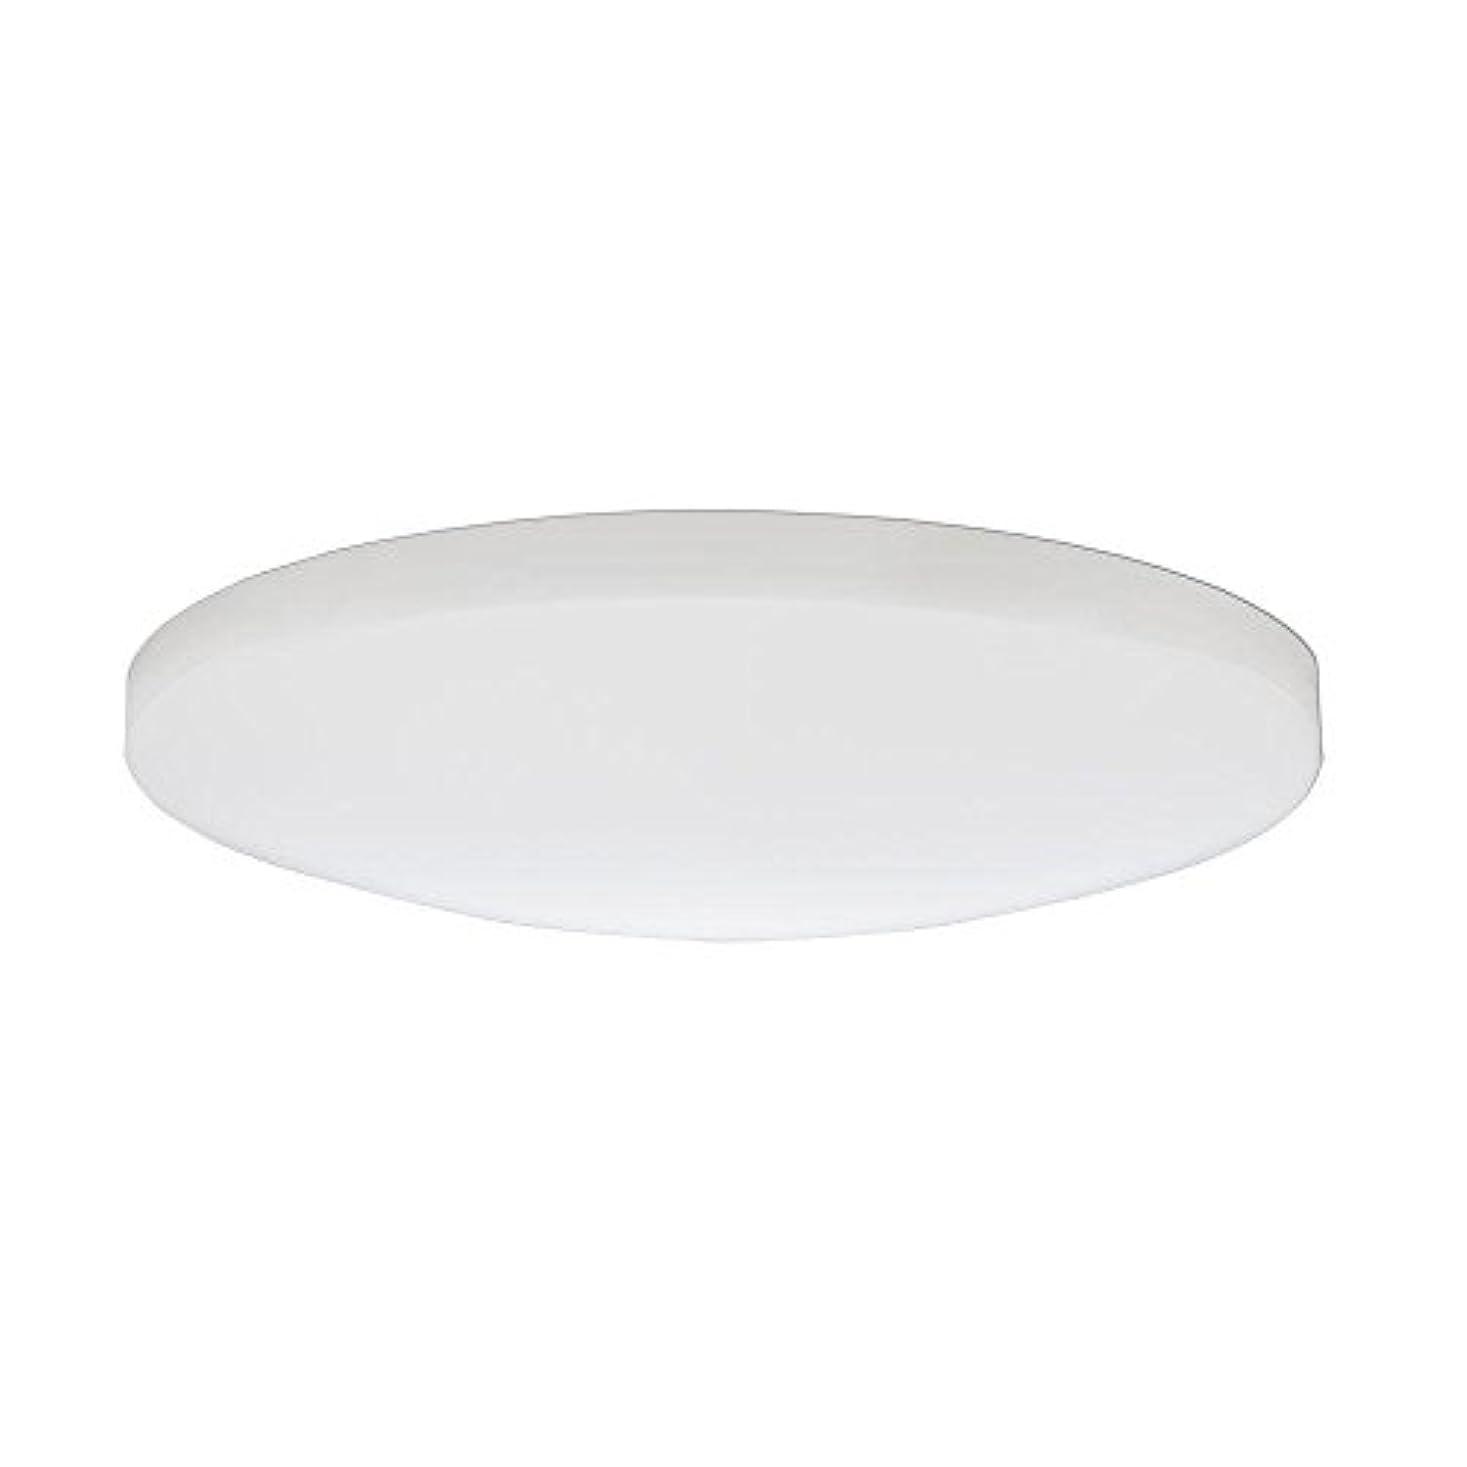 やろう乱用欠乏Lithonia Lighting DSATL 13 M4 Replacement Glass Diffuser, 13', White [並行輸入品]